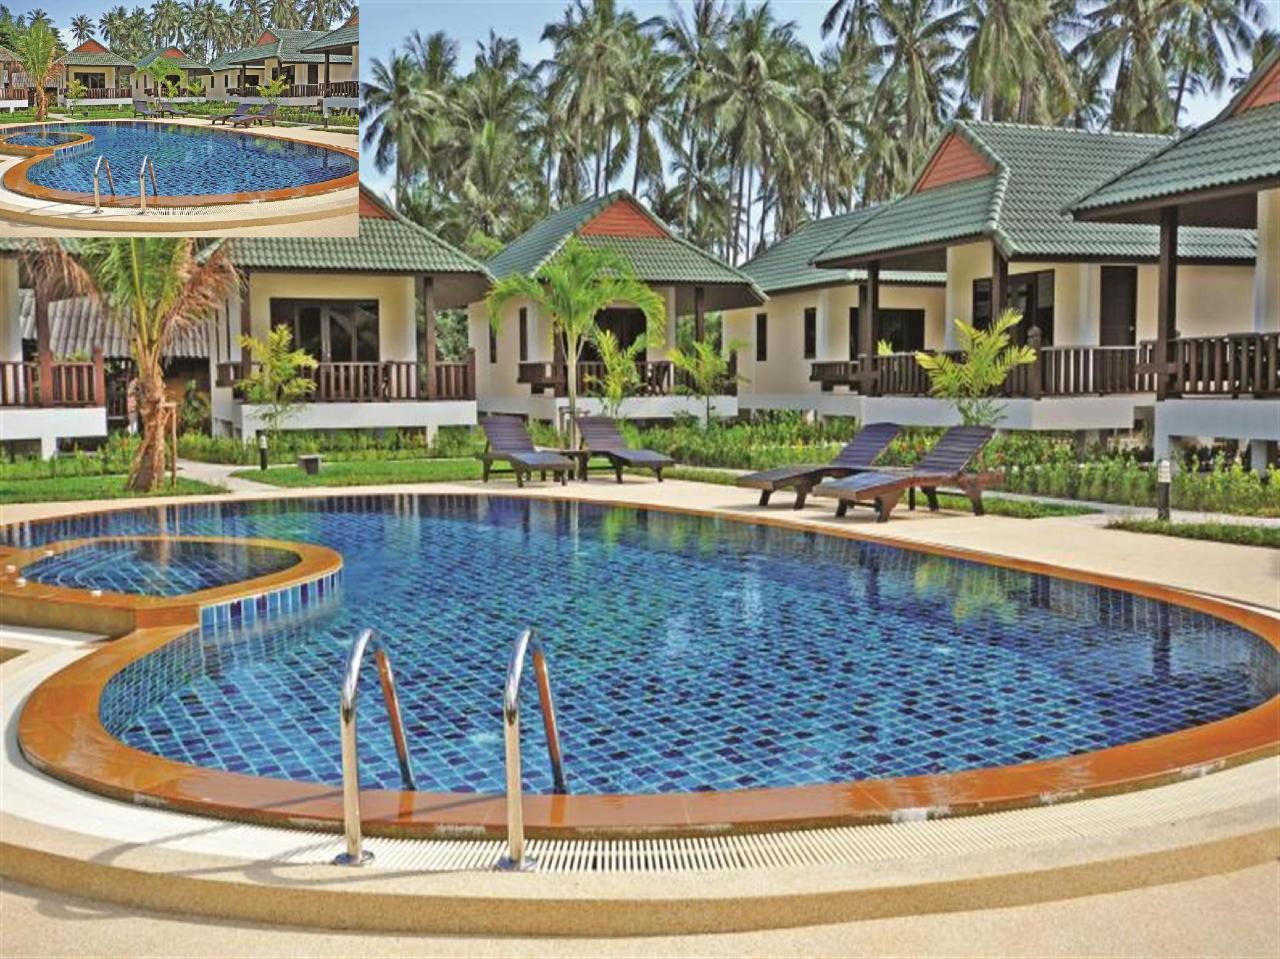 พัชรี รีสอร์ท (Phatcharee Resort)